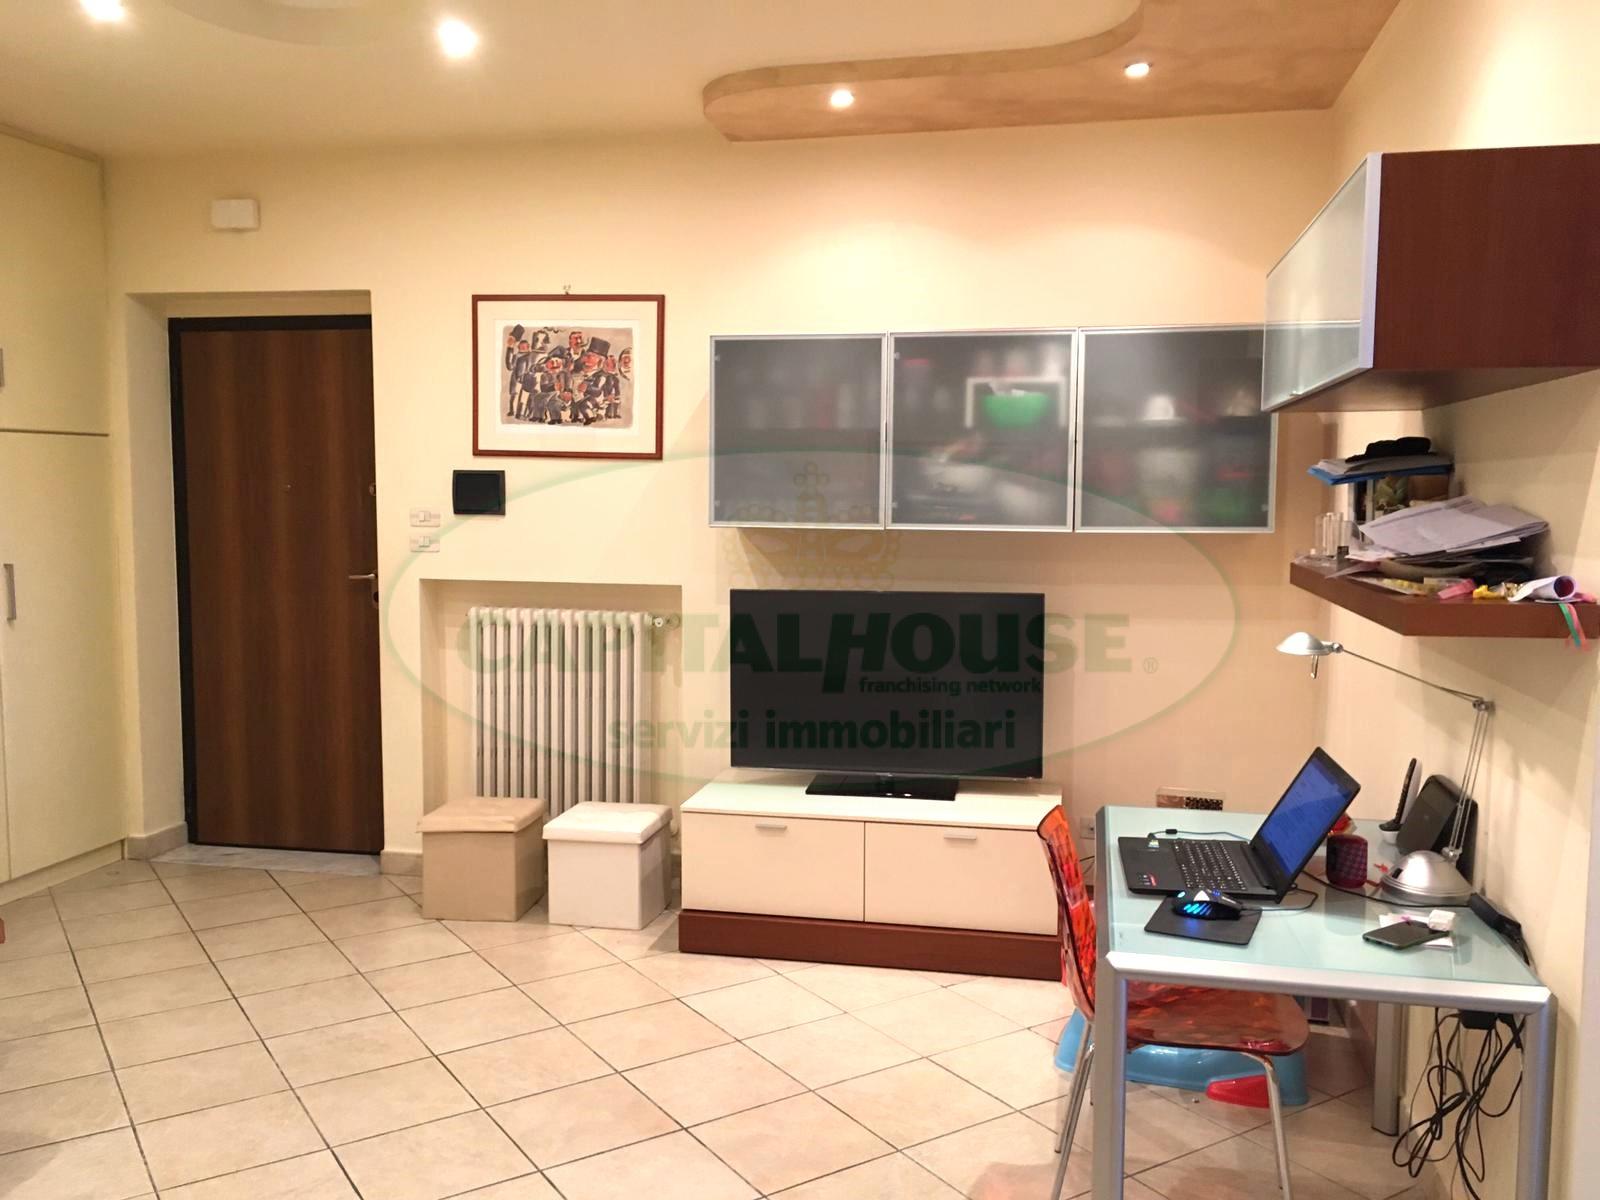 Appartamento AVELLINO vendita  Via Pennini  CADI S.r.l.